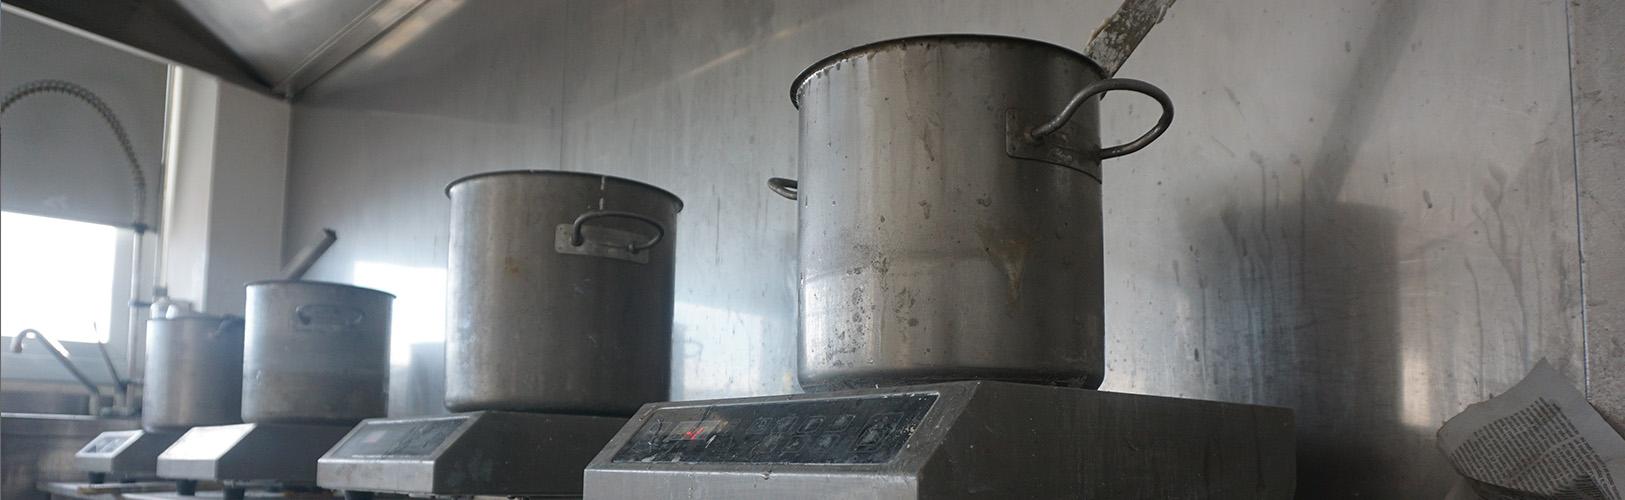 Solicitud reserva laboratorio